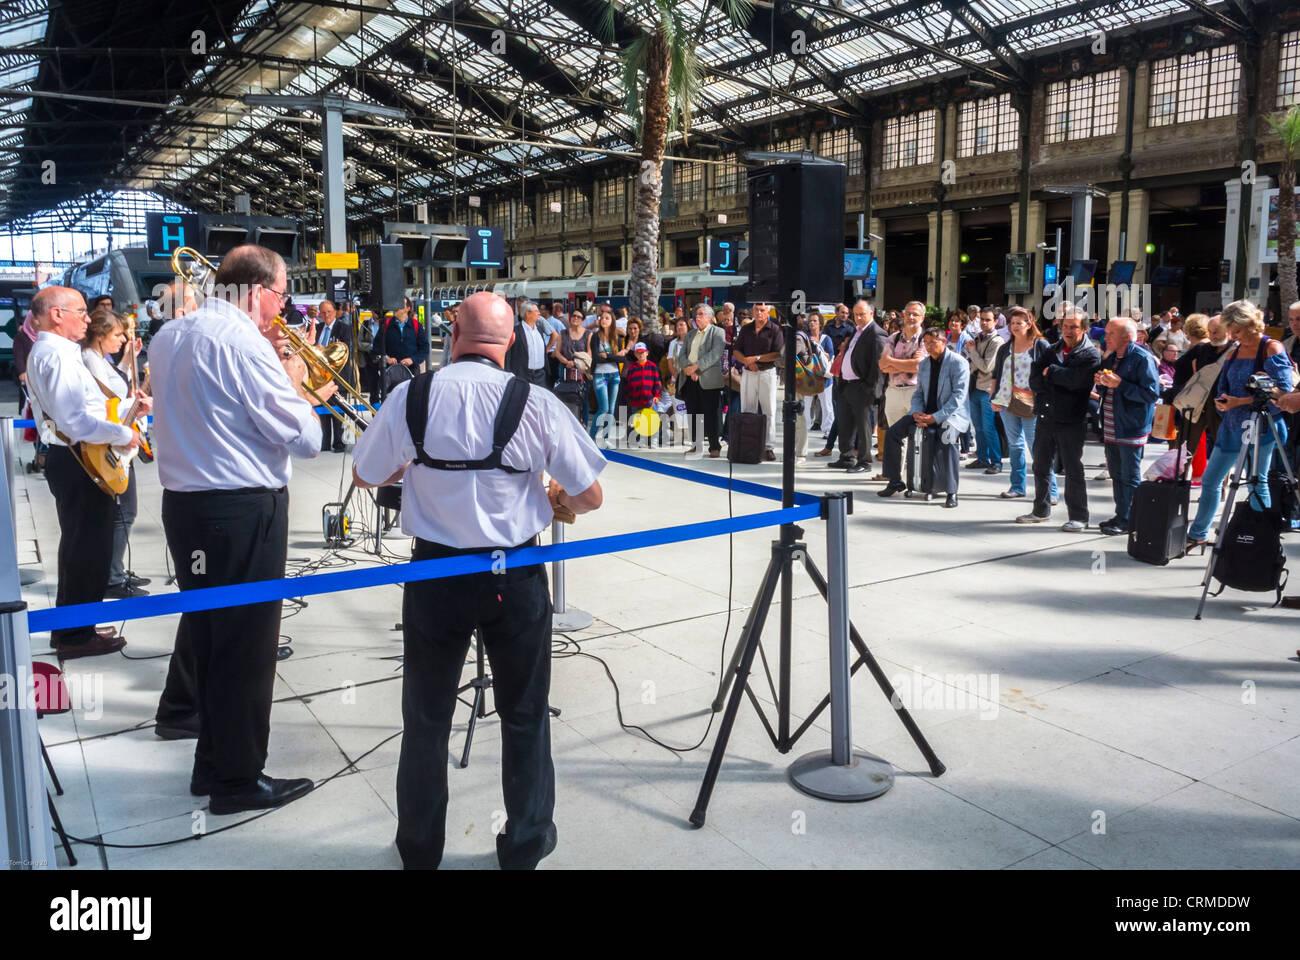 Parigi, Francia, grande pubblico, a New Orleans Jazz Band, Orchestra in una stazione ferroviaria, nazionale Festival Immagini Stock